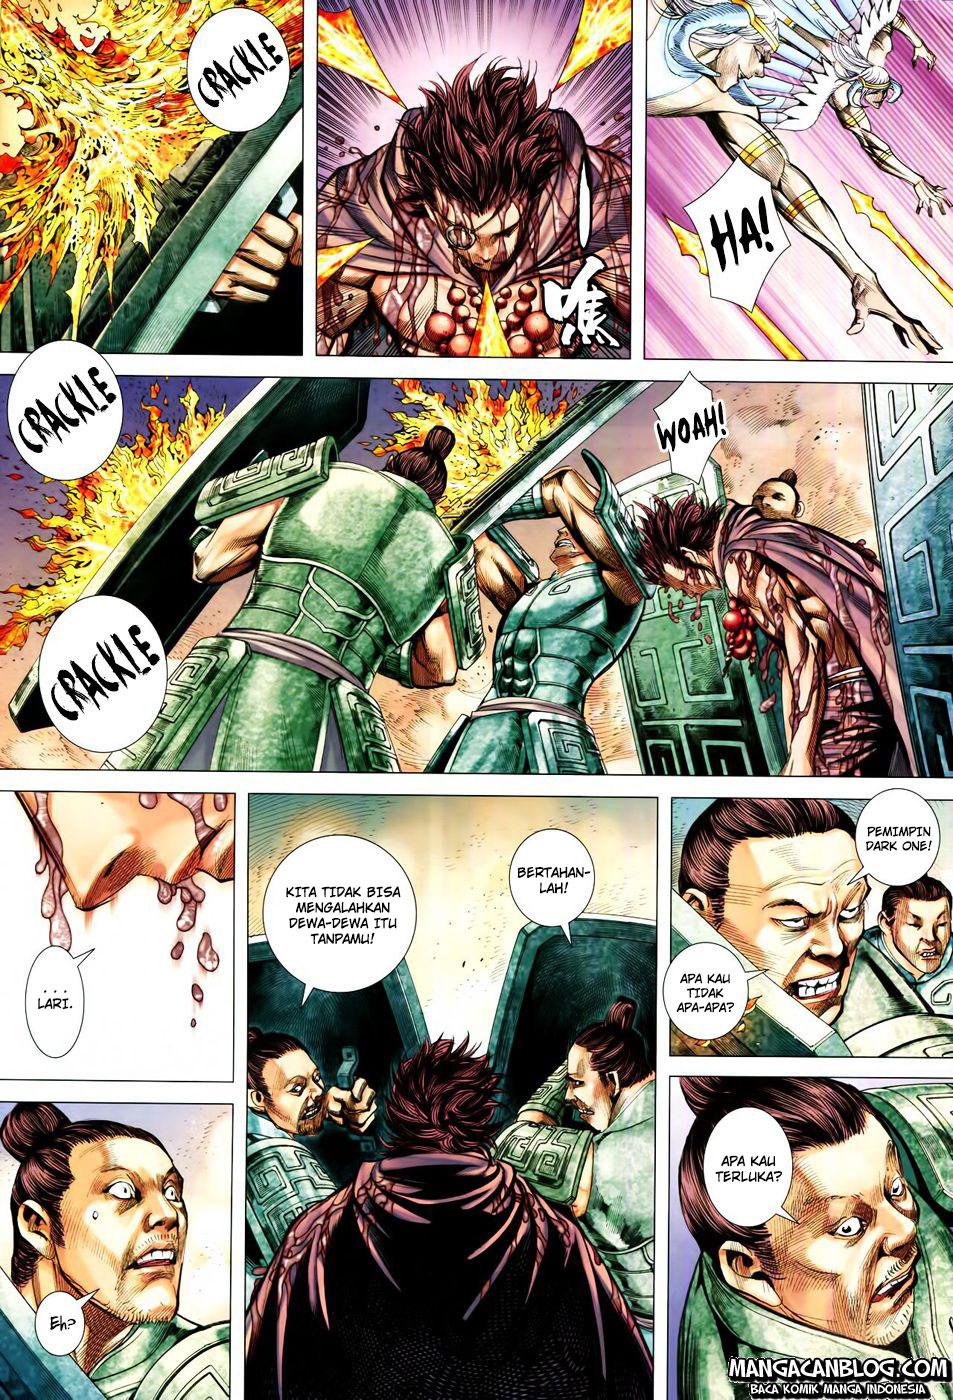 Dilarang COPAS - situs resmi www.mangacanblog.com - Komik feng shen ji 2 127 - mati tanpa penyesalan 128 Indonesia feng shen ji 2 127 - mati tanpa penyesalan Terbaru 25|Baca Manga Komik Indonesia|Mangacan